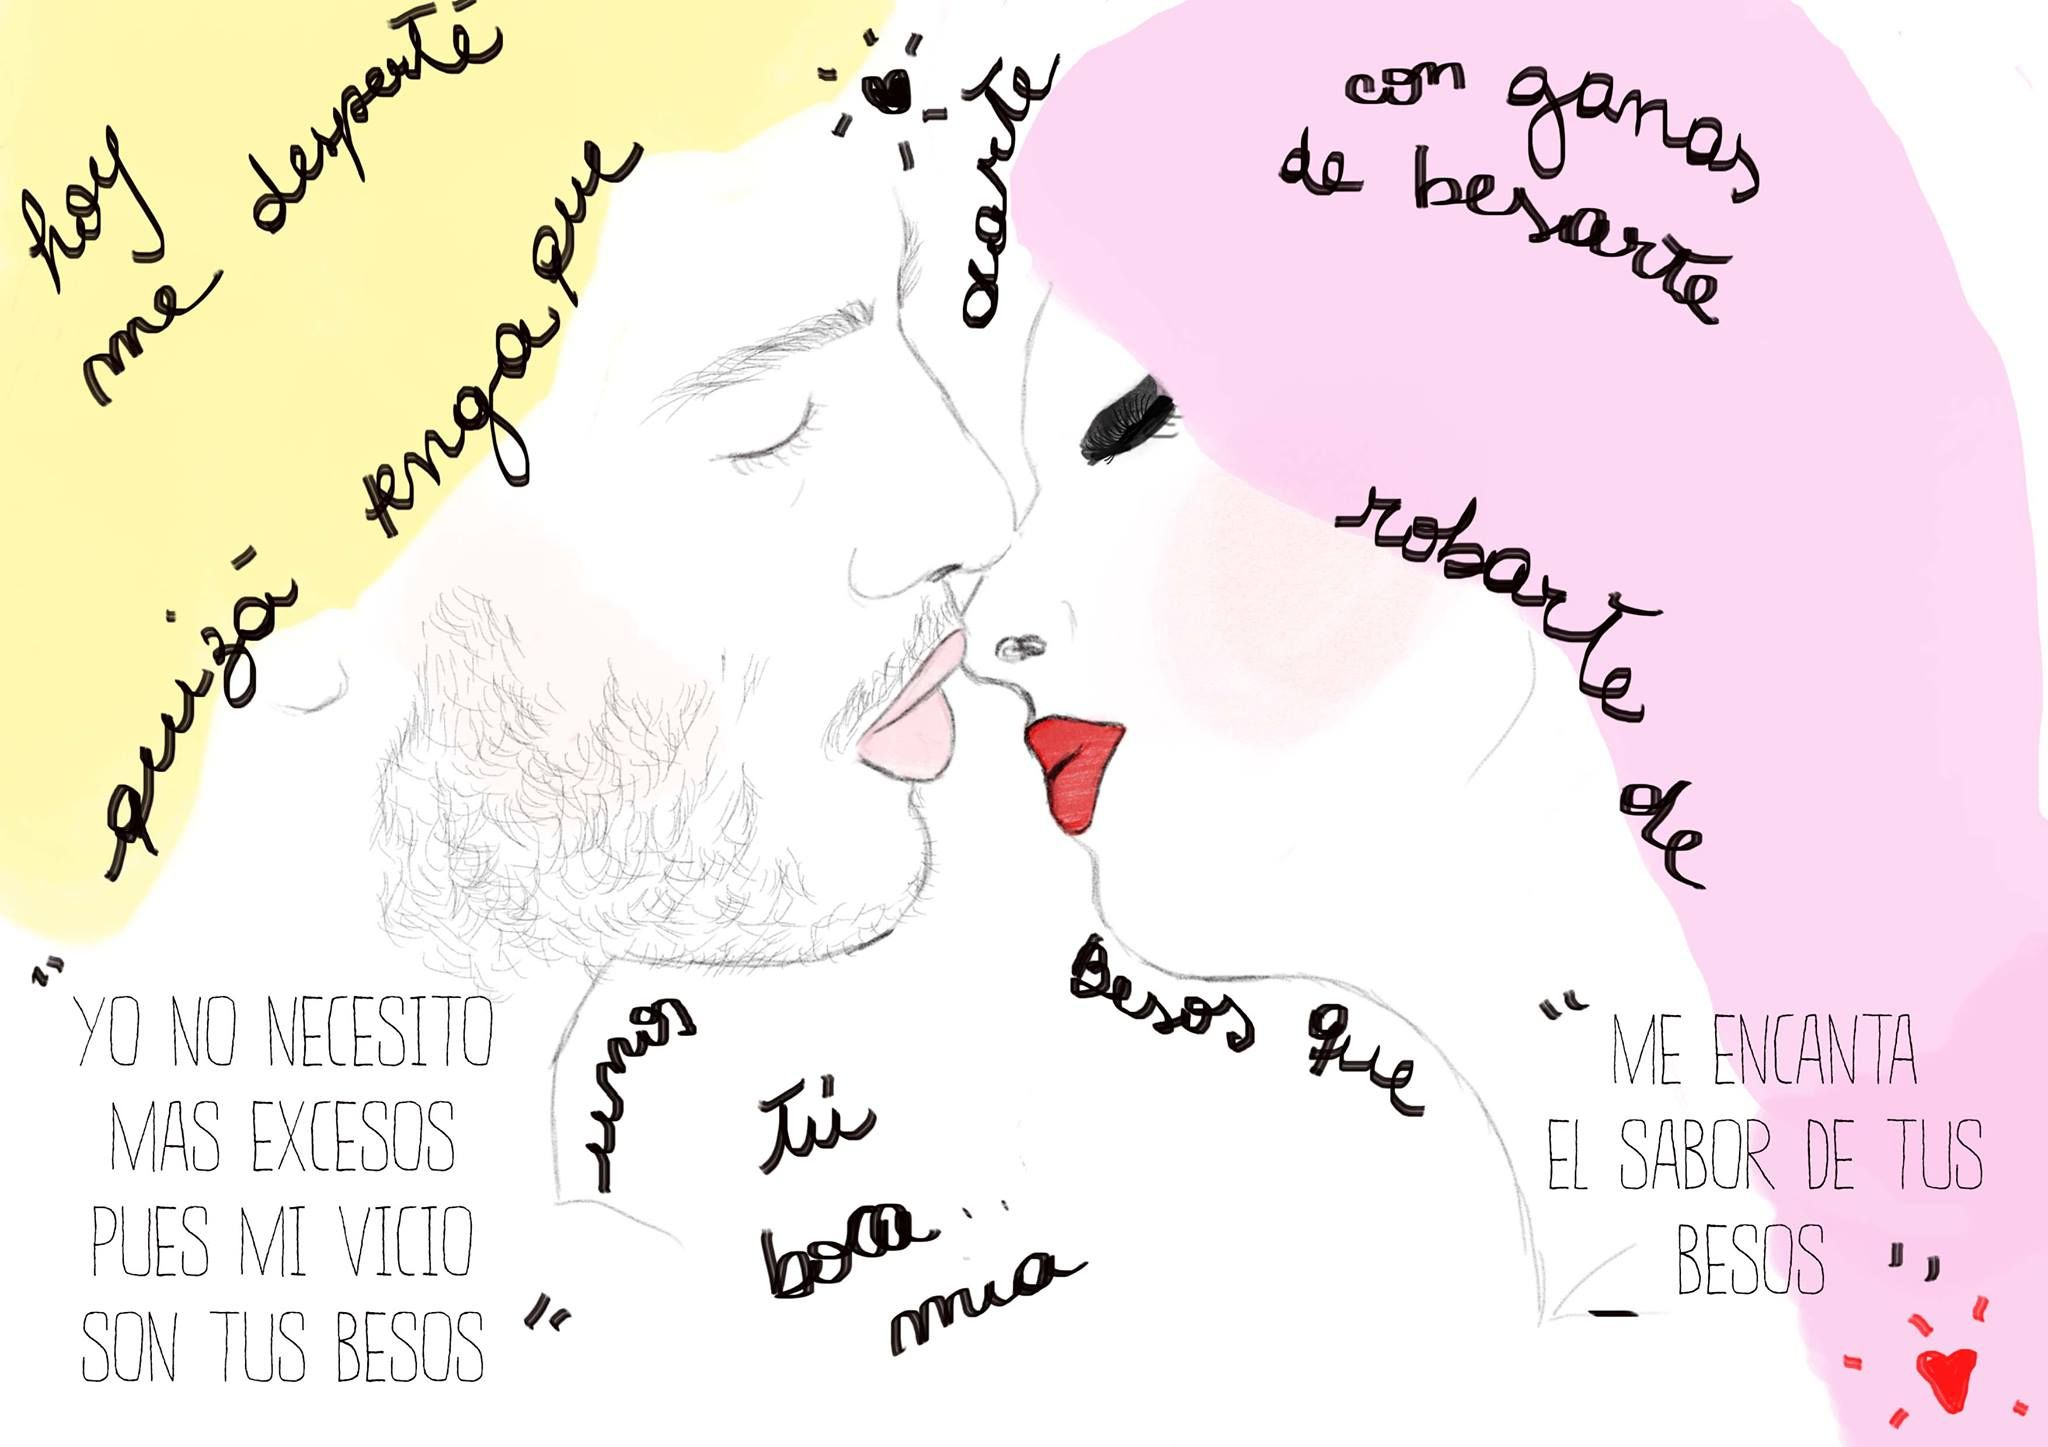 Me Gusta El Sabor De Tus Besos Besos El Sabor Vicios